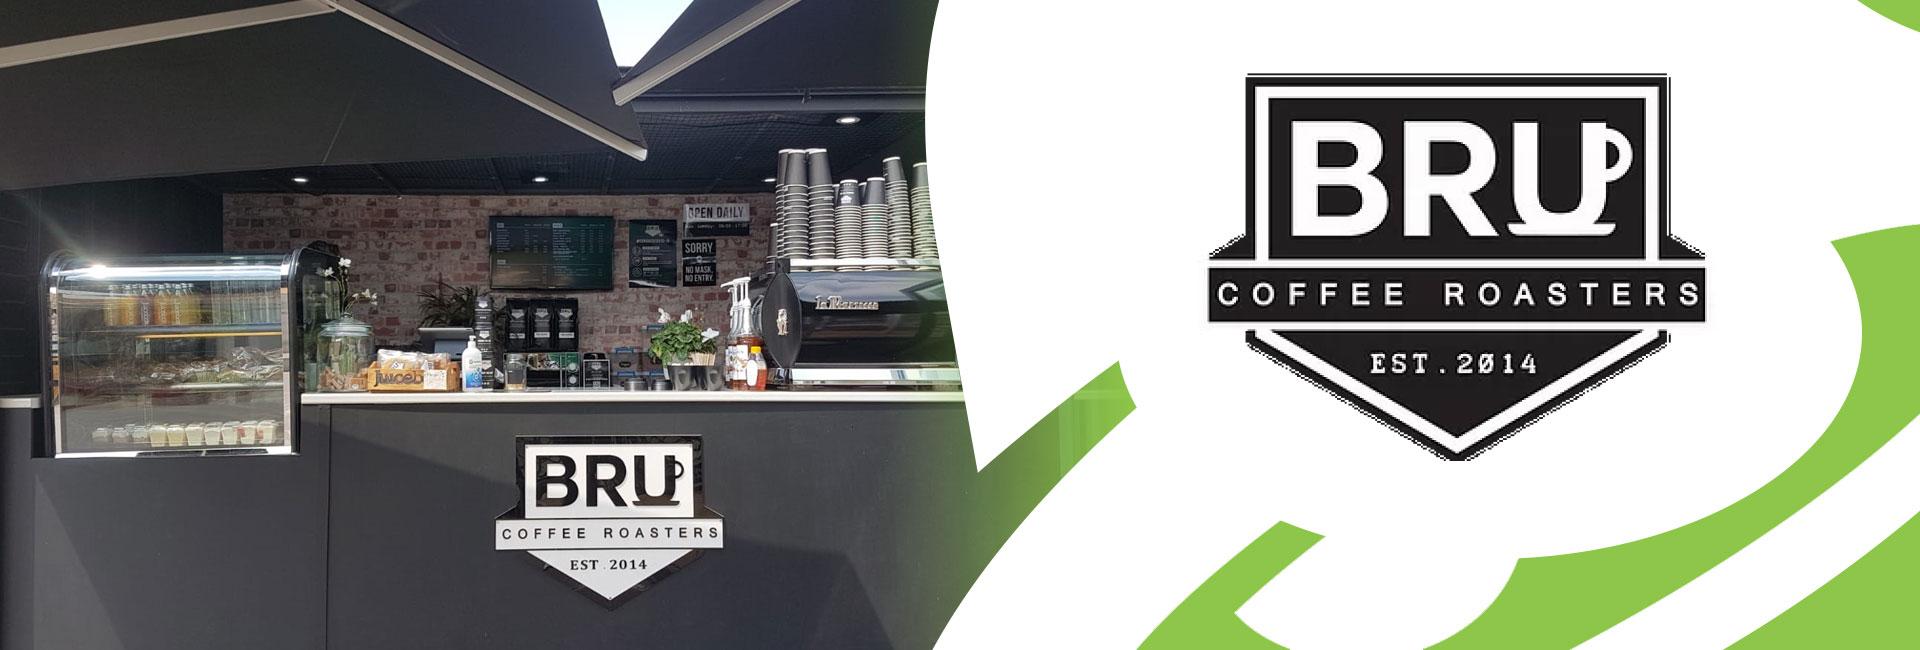 bru-coffee-roasters